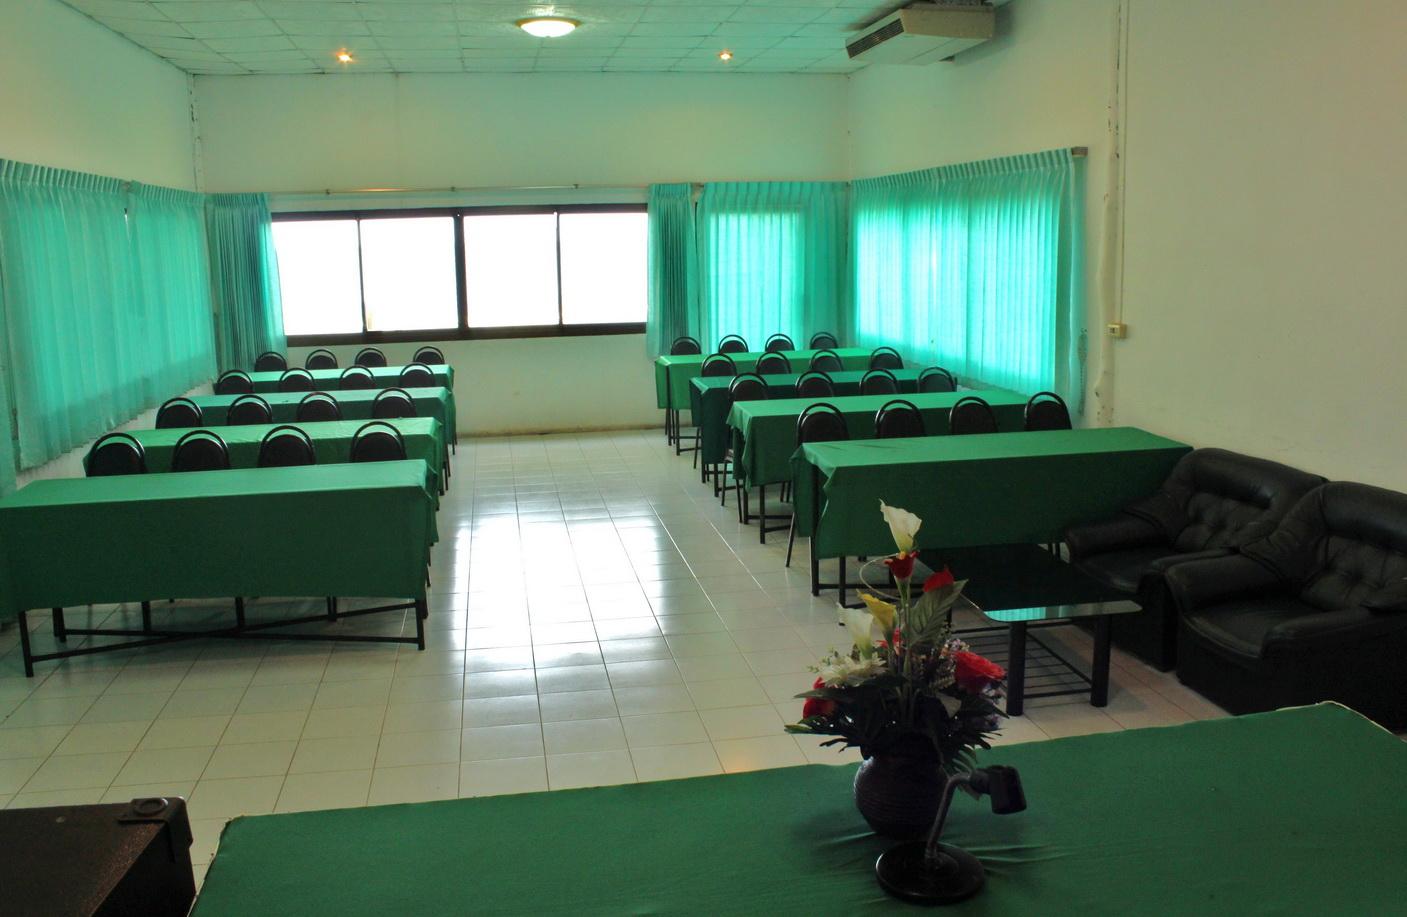 ห้องประชุม สัมนา บางเบิดรีสอร์ท